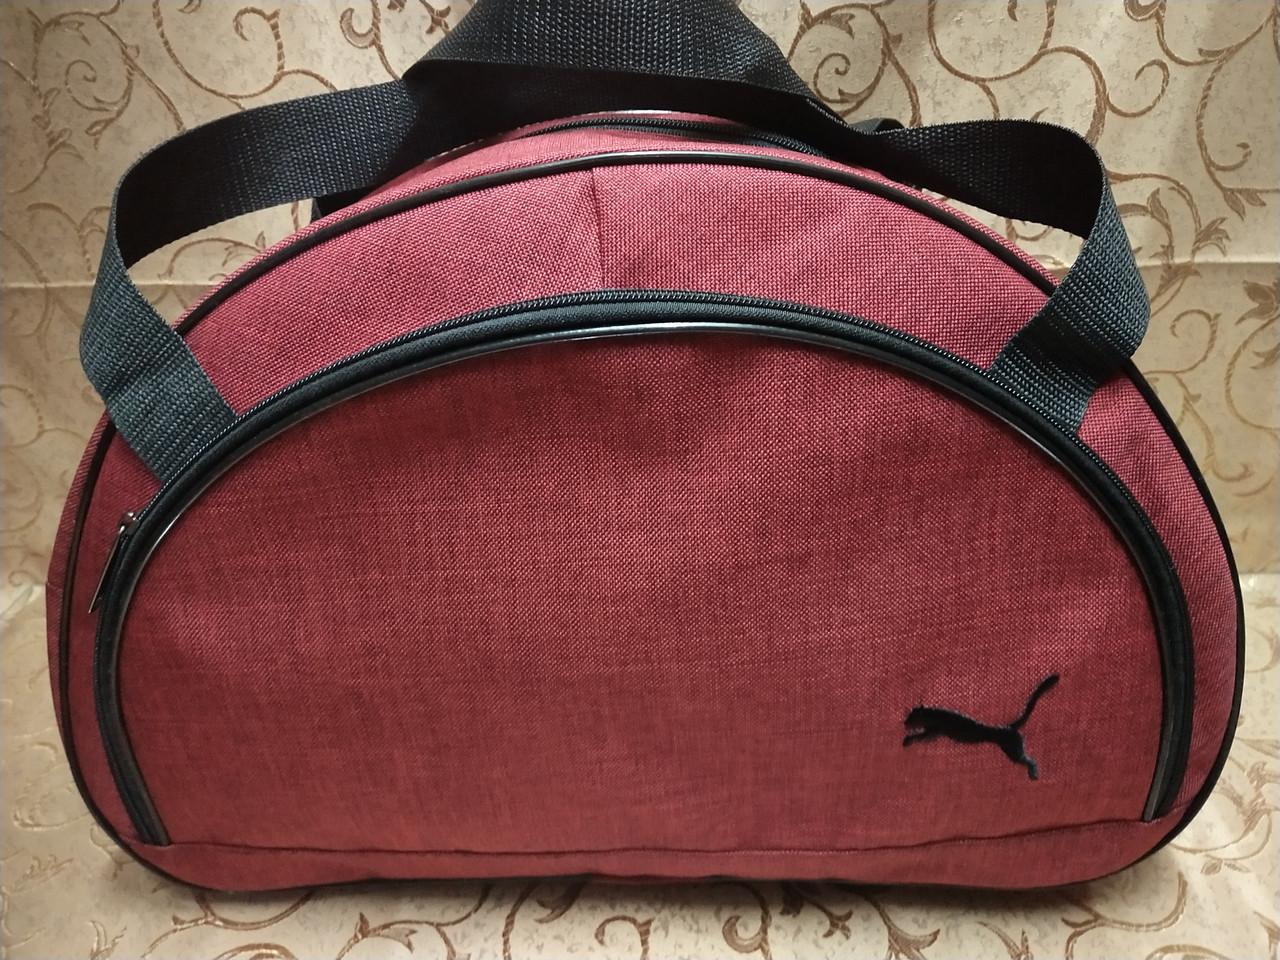 Спортивная сумка PUMA Мессенджер мужская и женская сумка для через плечо(только ОПТ)